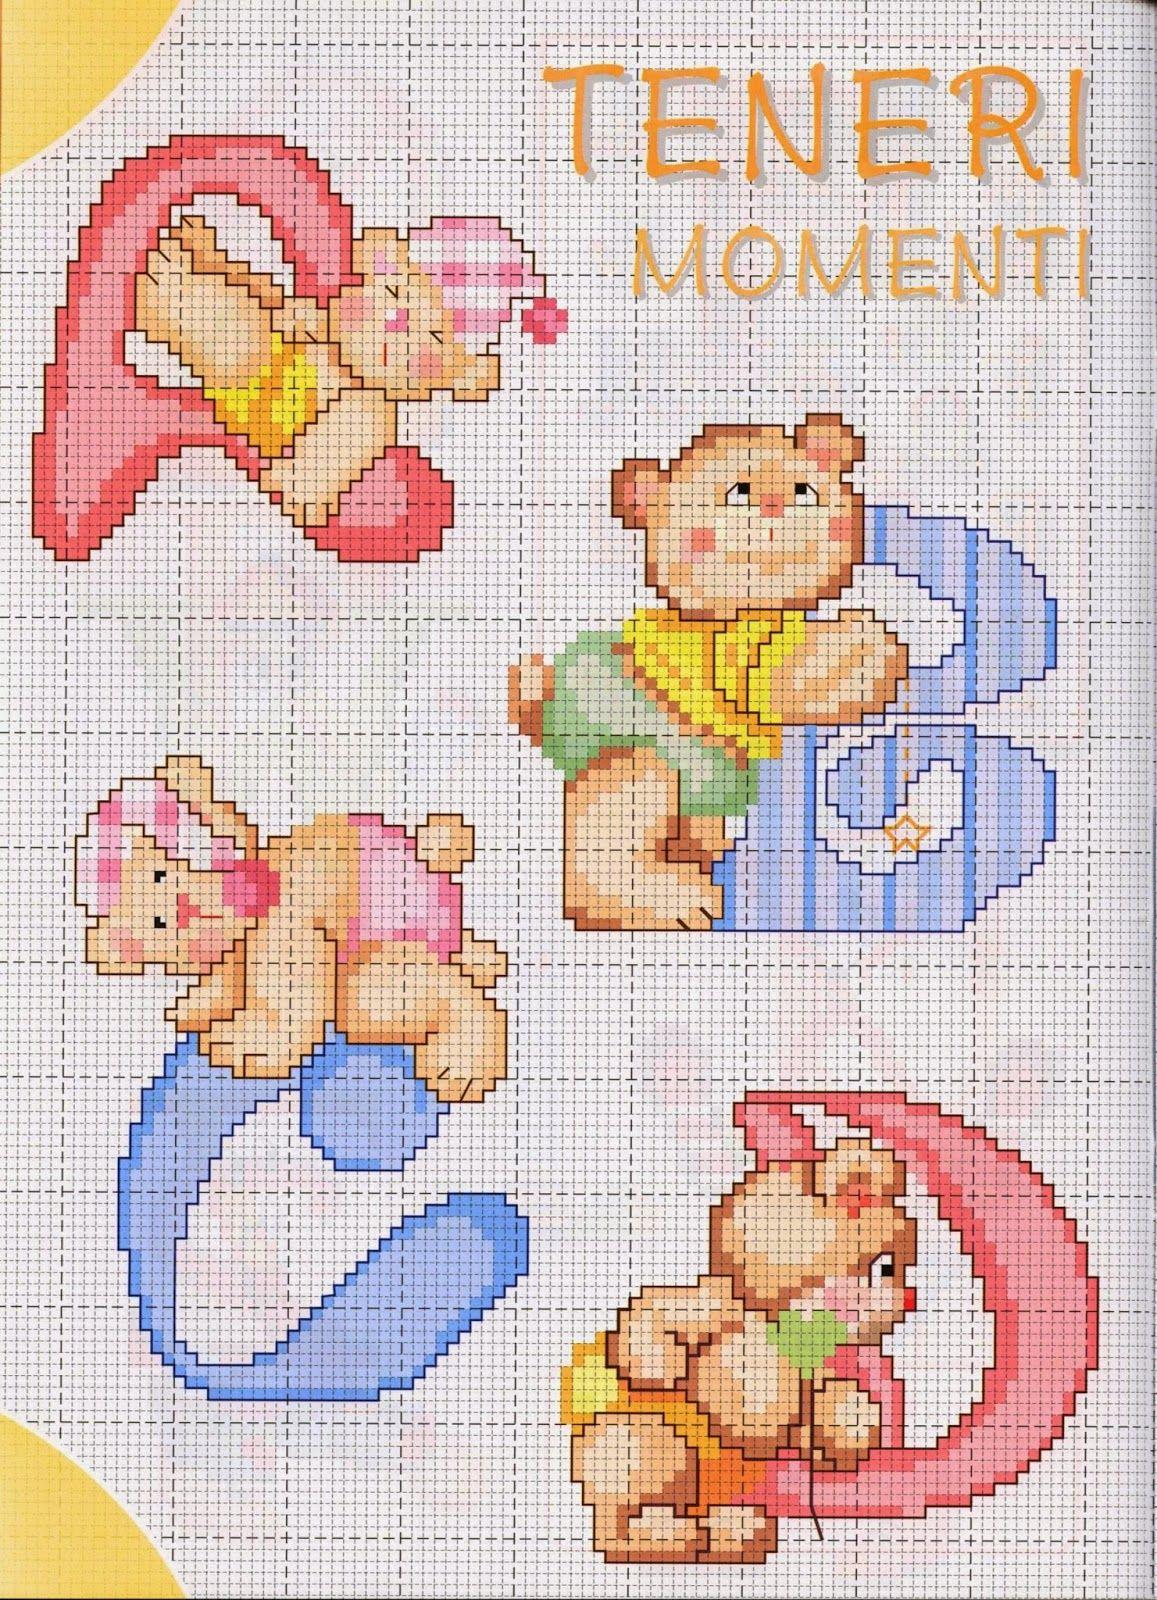 Ponto cruz alfabeto ursinhos gr ficos ponto cruz - Pagine da punto a punto per bambini ...